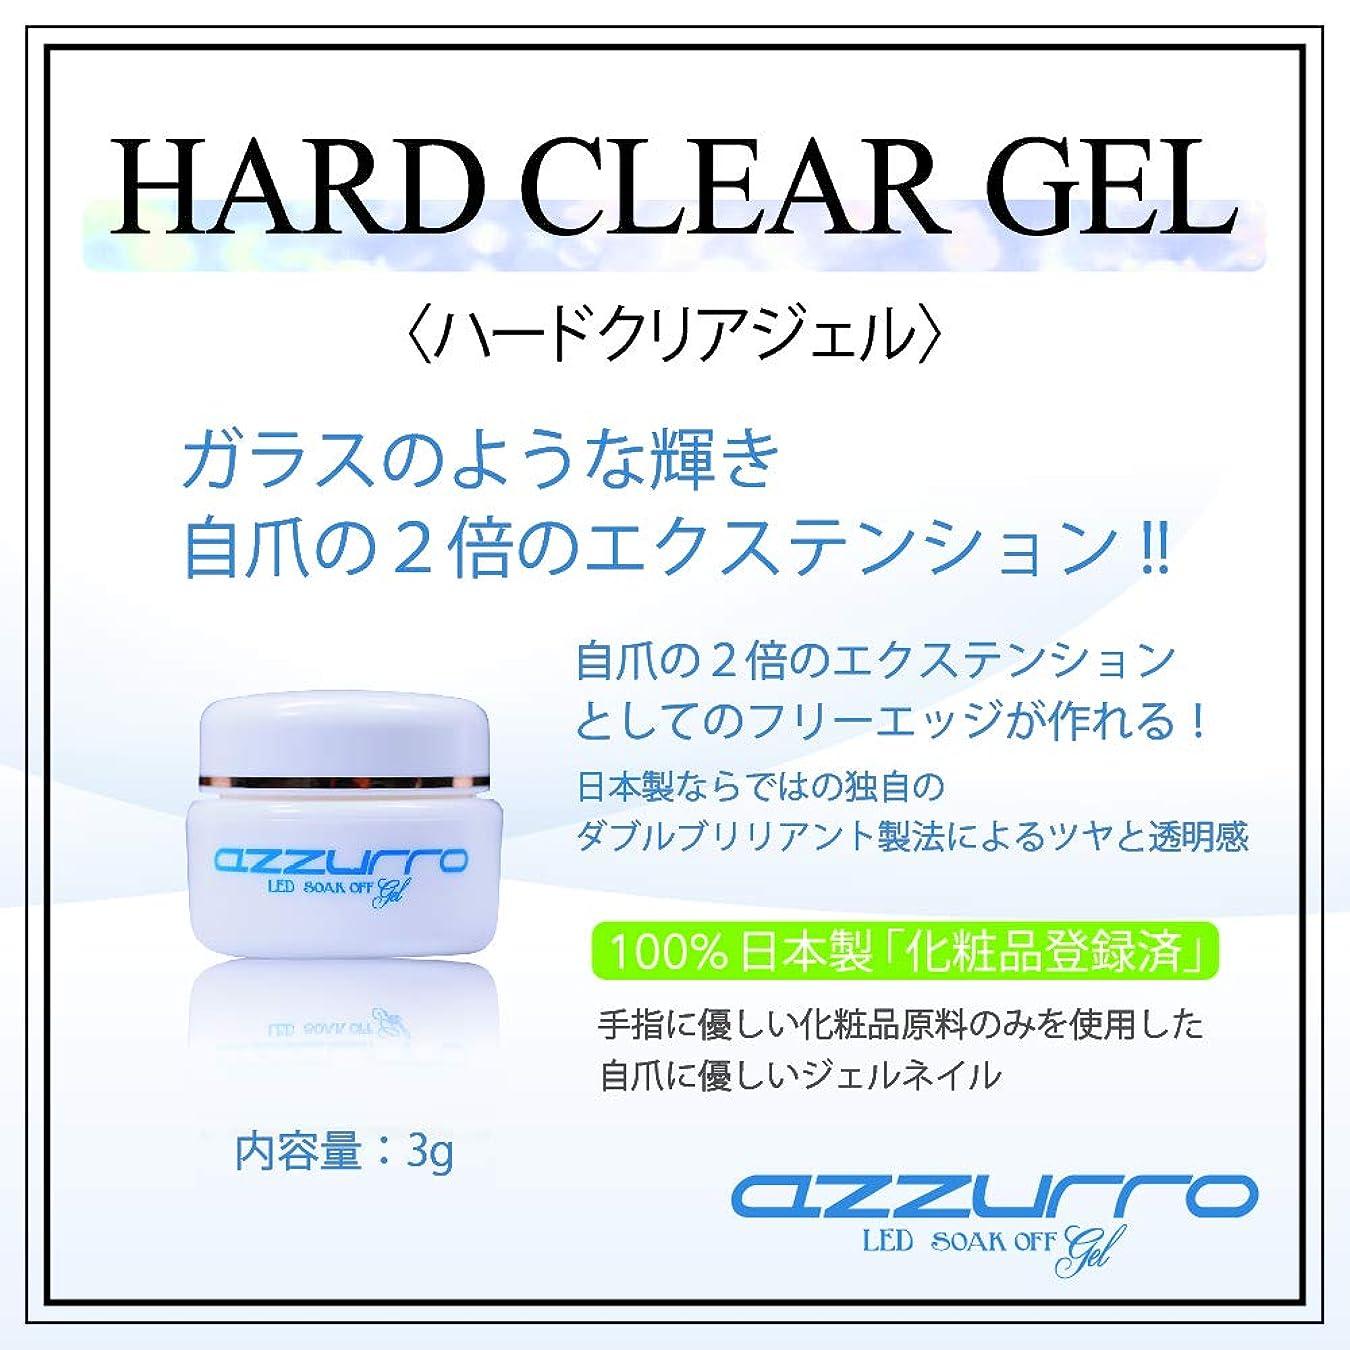 エミュレーション鷲講堂azzurro gel アッズーロハードクリアージェル 3g ツヤツヤ キラキラ感持続 抜群のツヤ